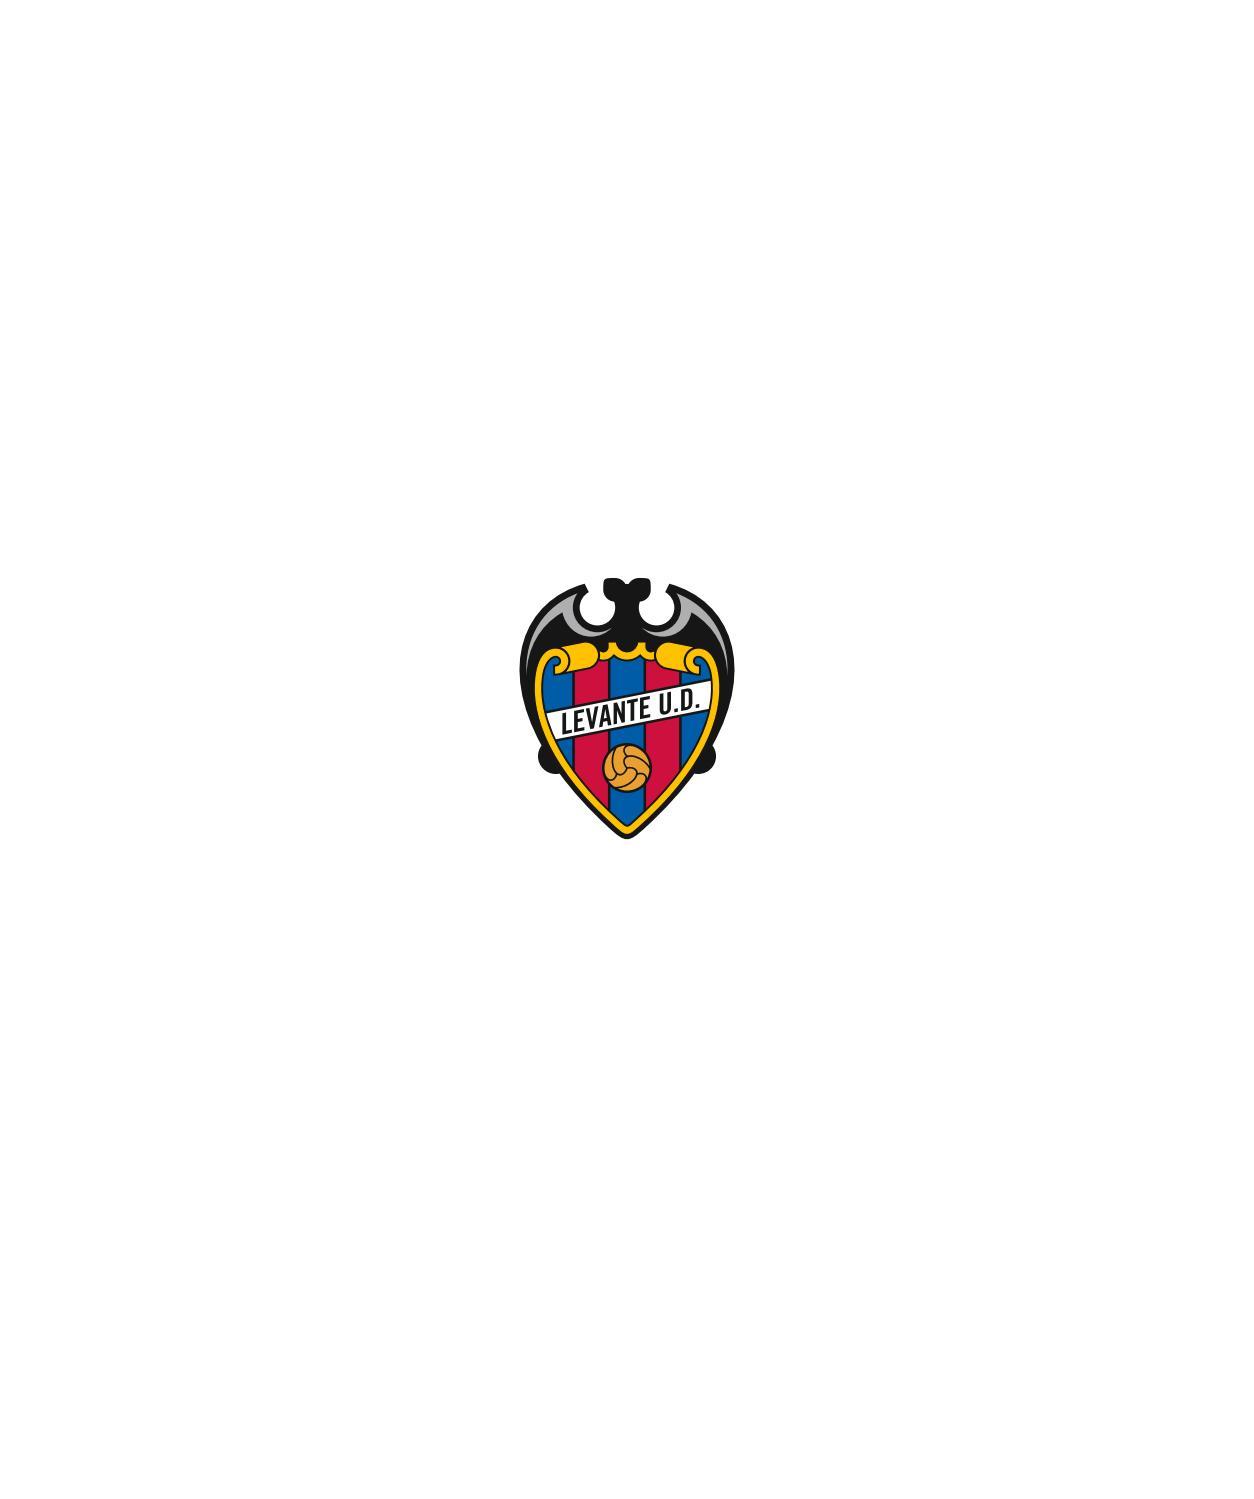 Memoria Anual Levante UD 2017 by #1909 - Revista Oficial del ...